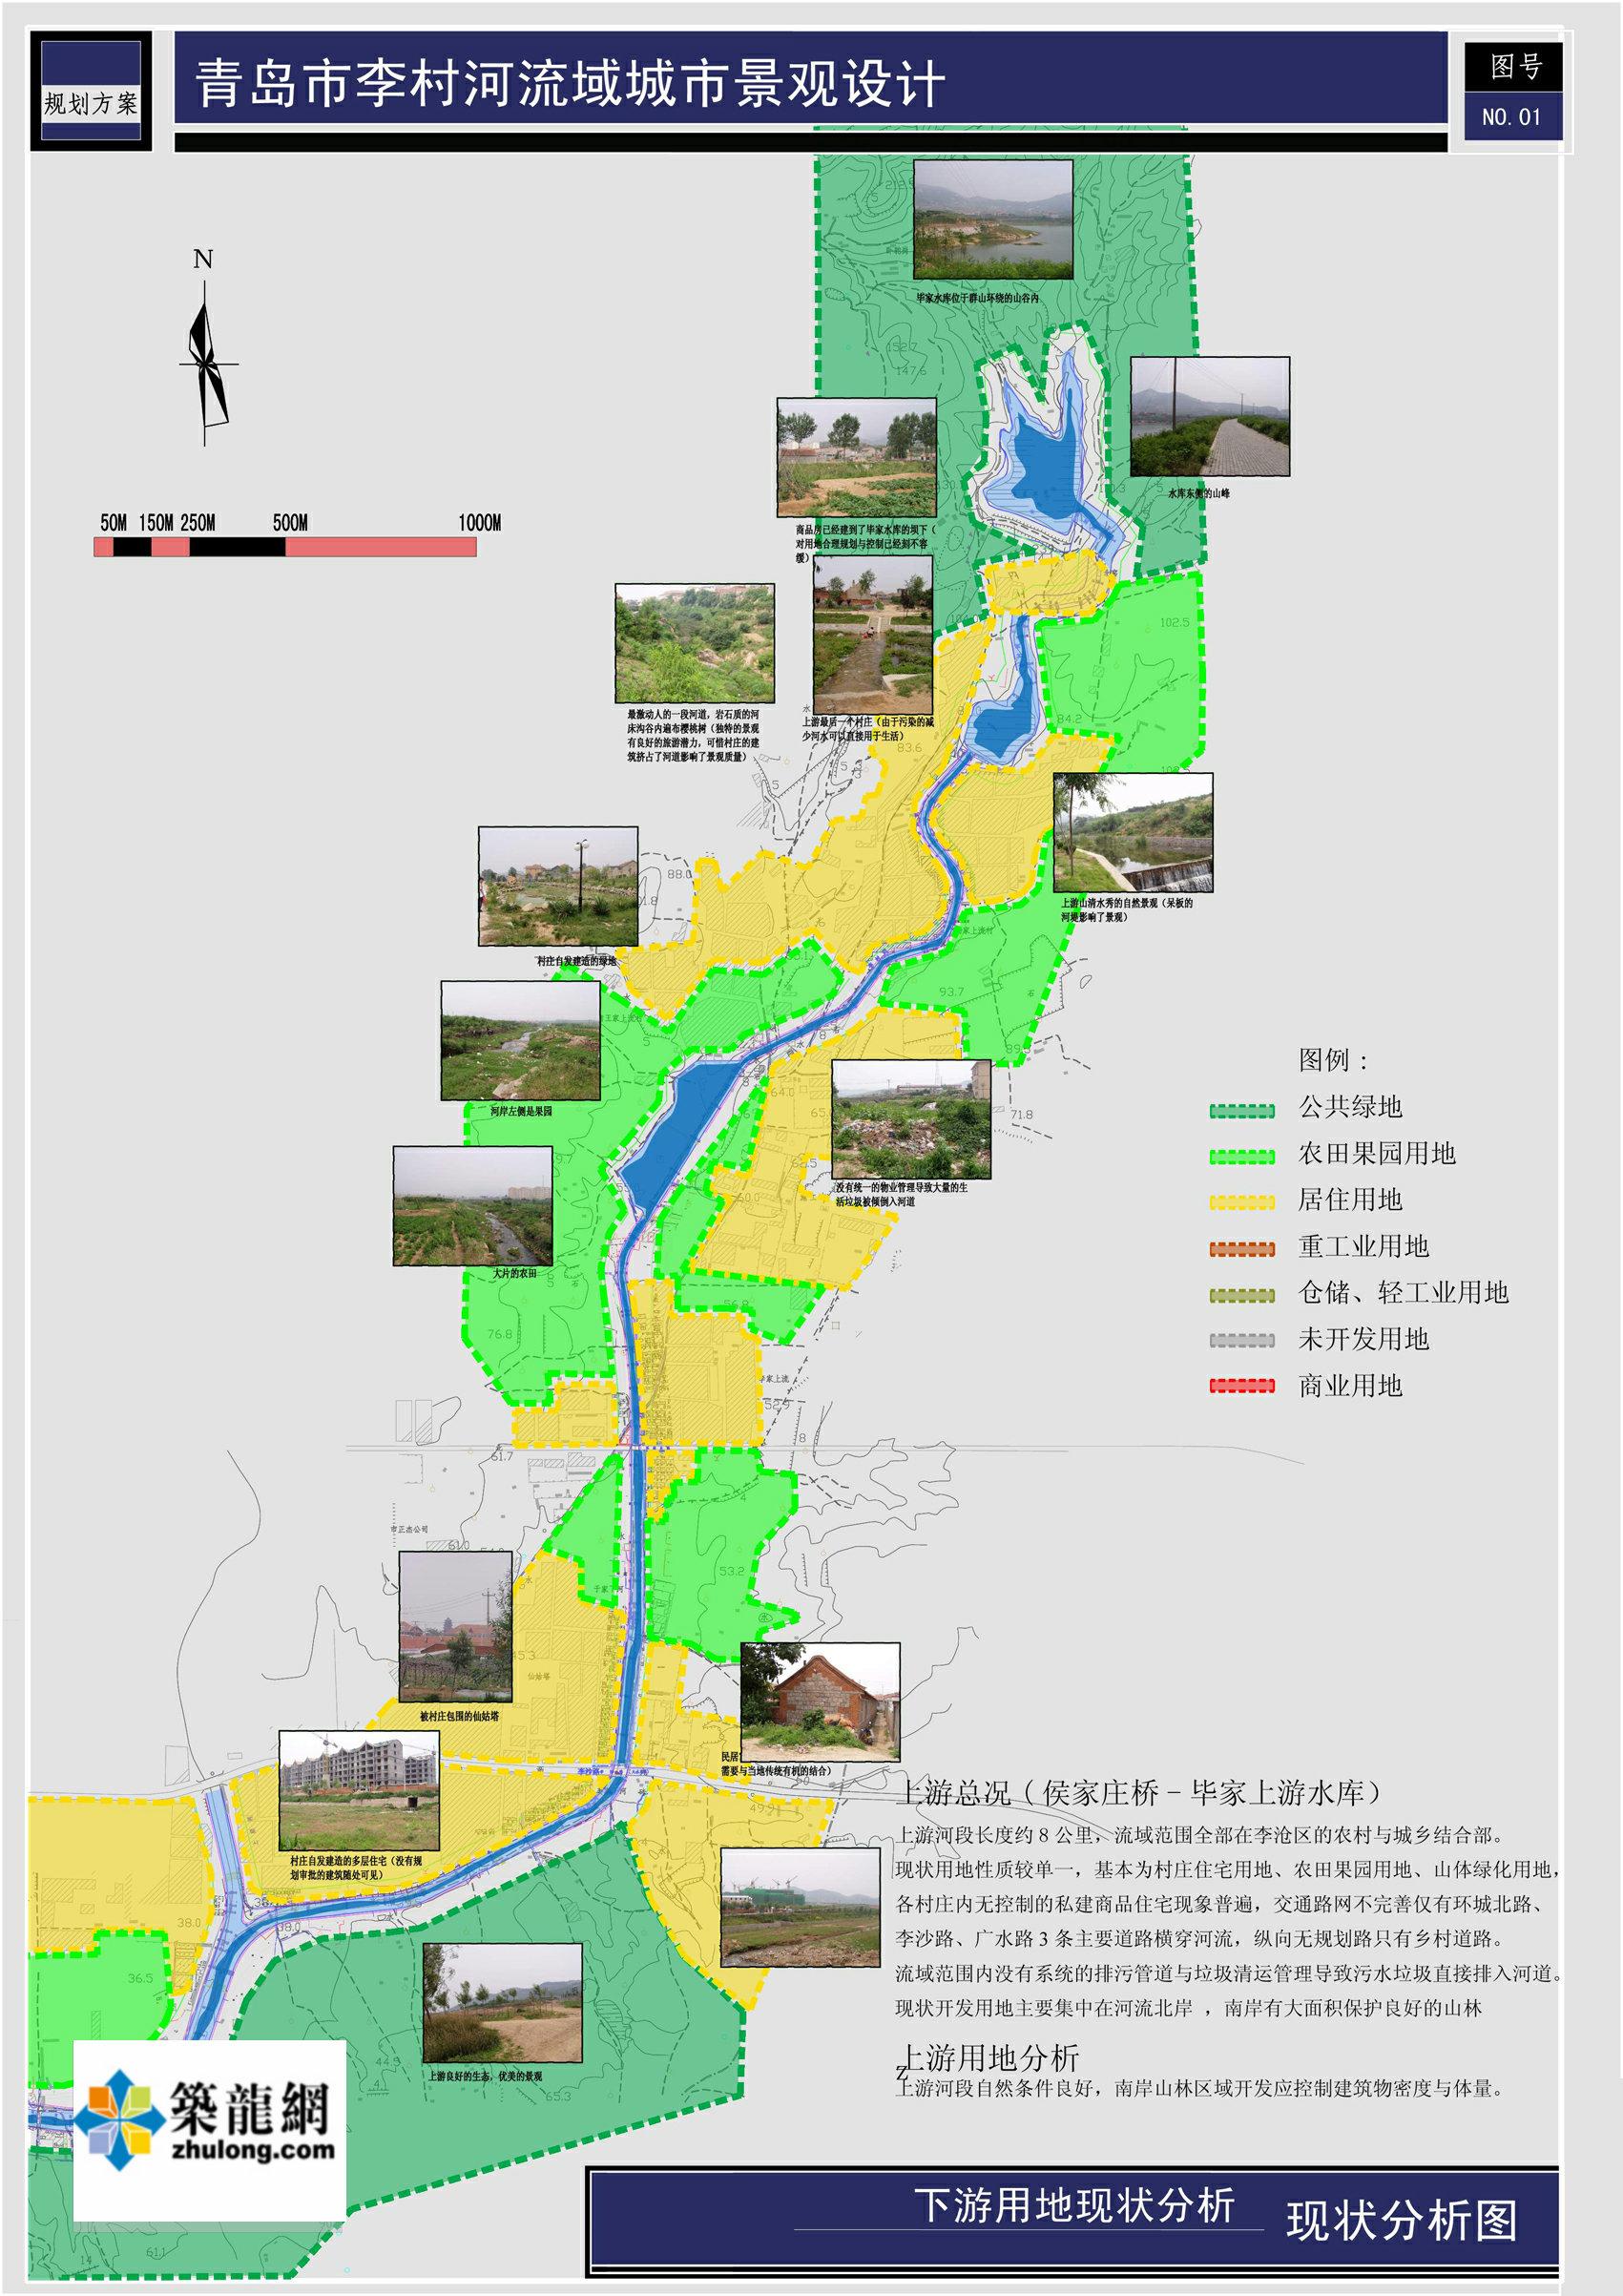 [青岛]某河道周边环境景观设计方案图片1